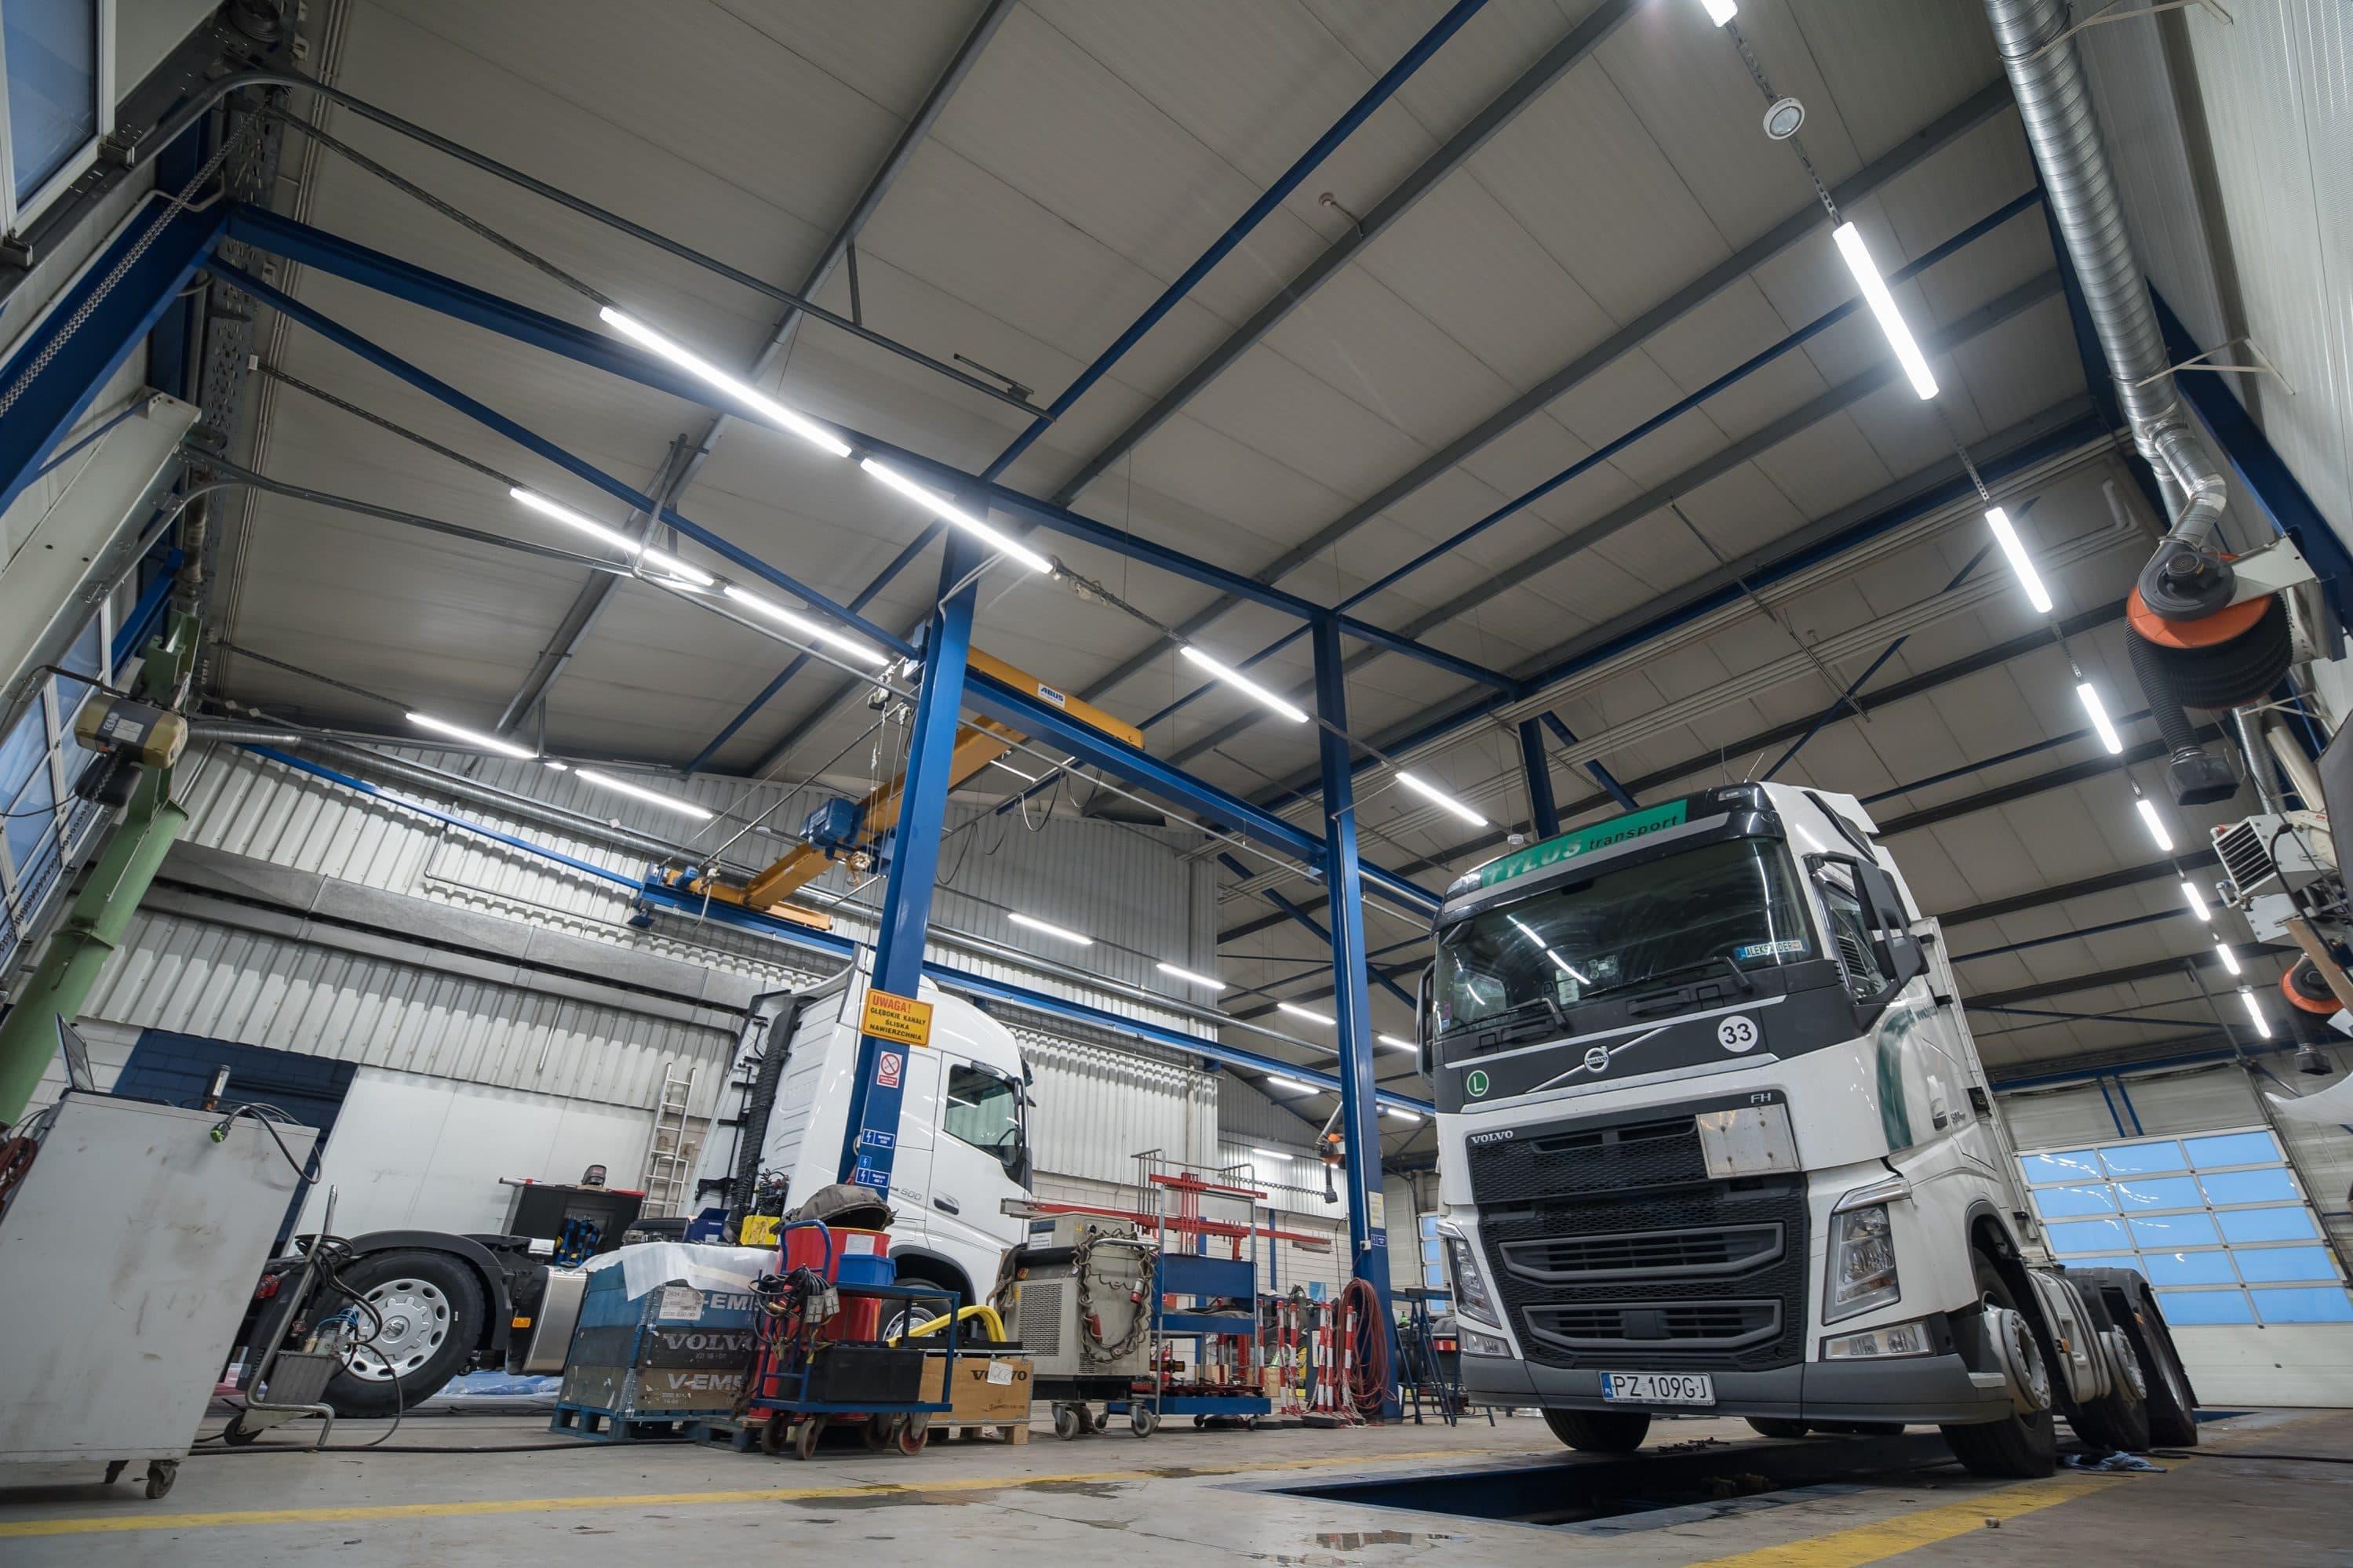 Oprawy Industrial w zmodernizowanym zakładzie samochodowym firmy Volvo - Luxon LED